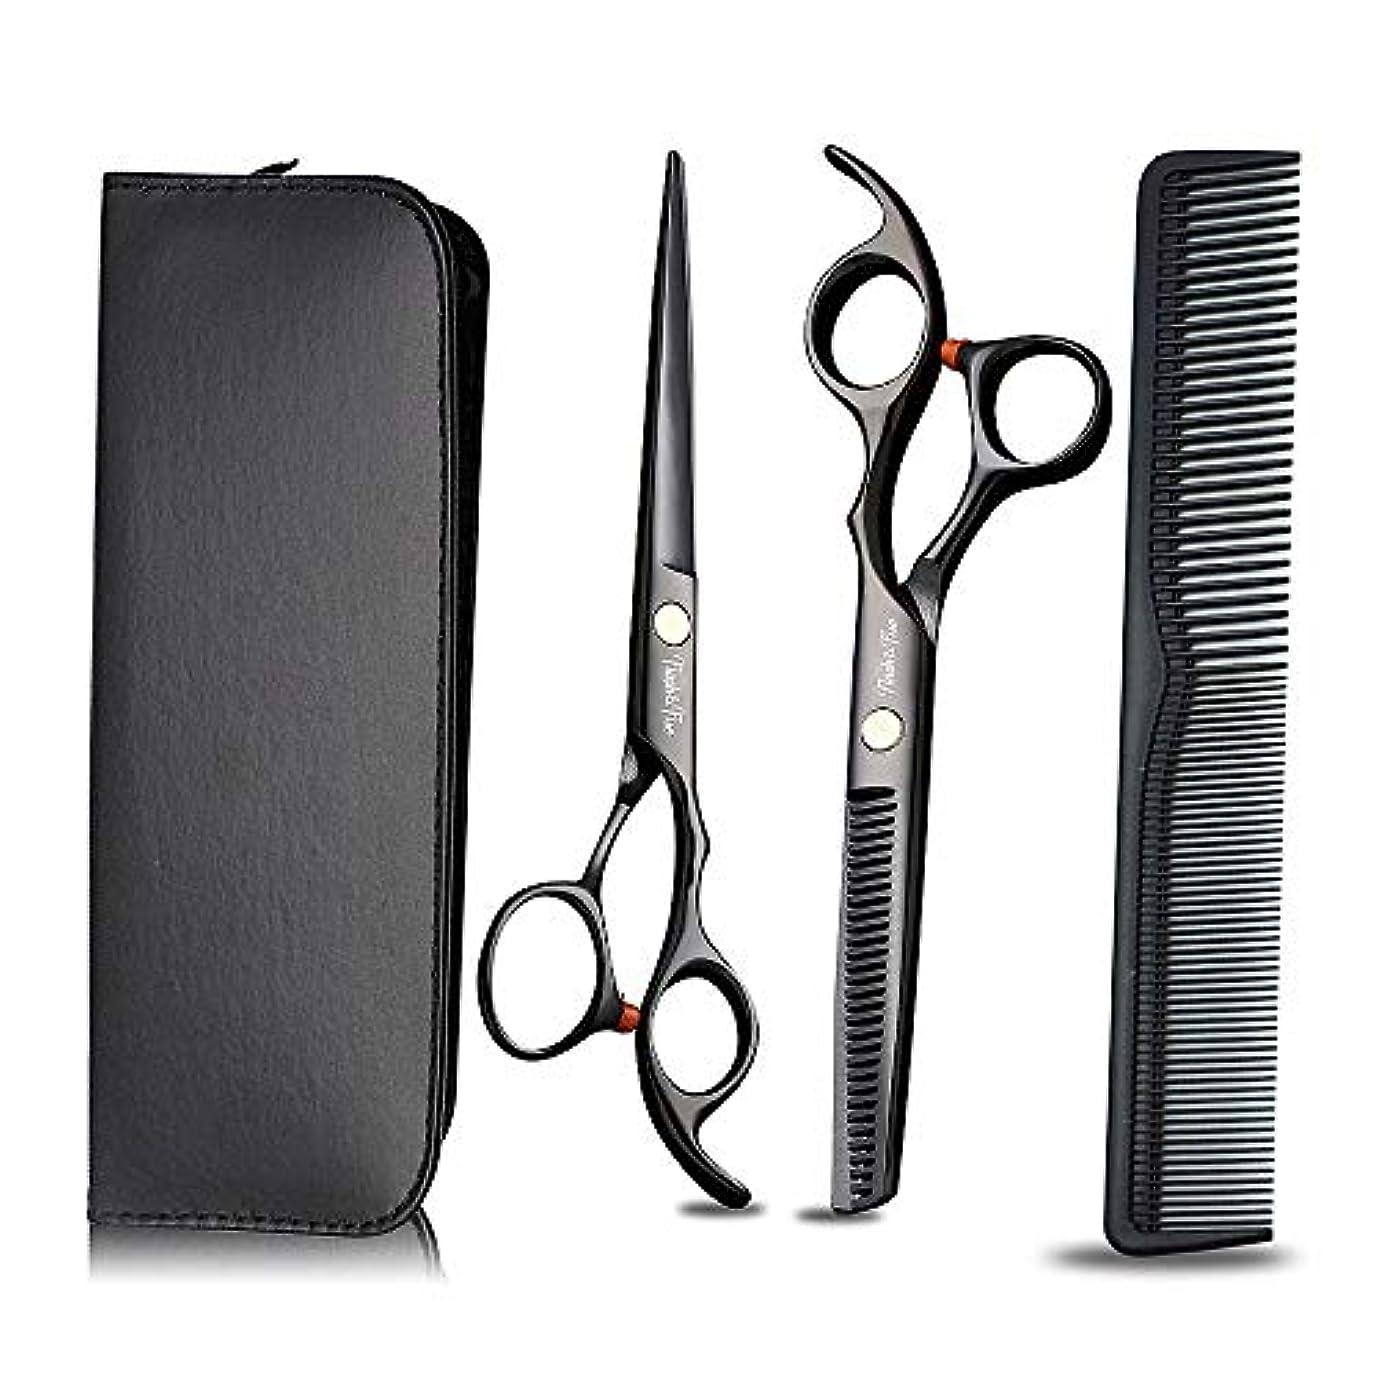 スティック時折花弁プロの理髪はさみと髪の洗練はさみをサロンの理髪店と家庭用に設定、黒